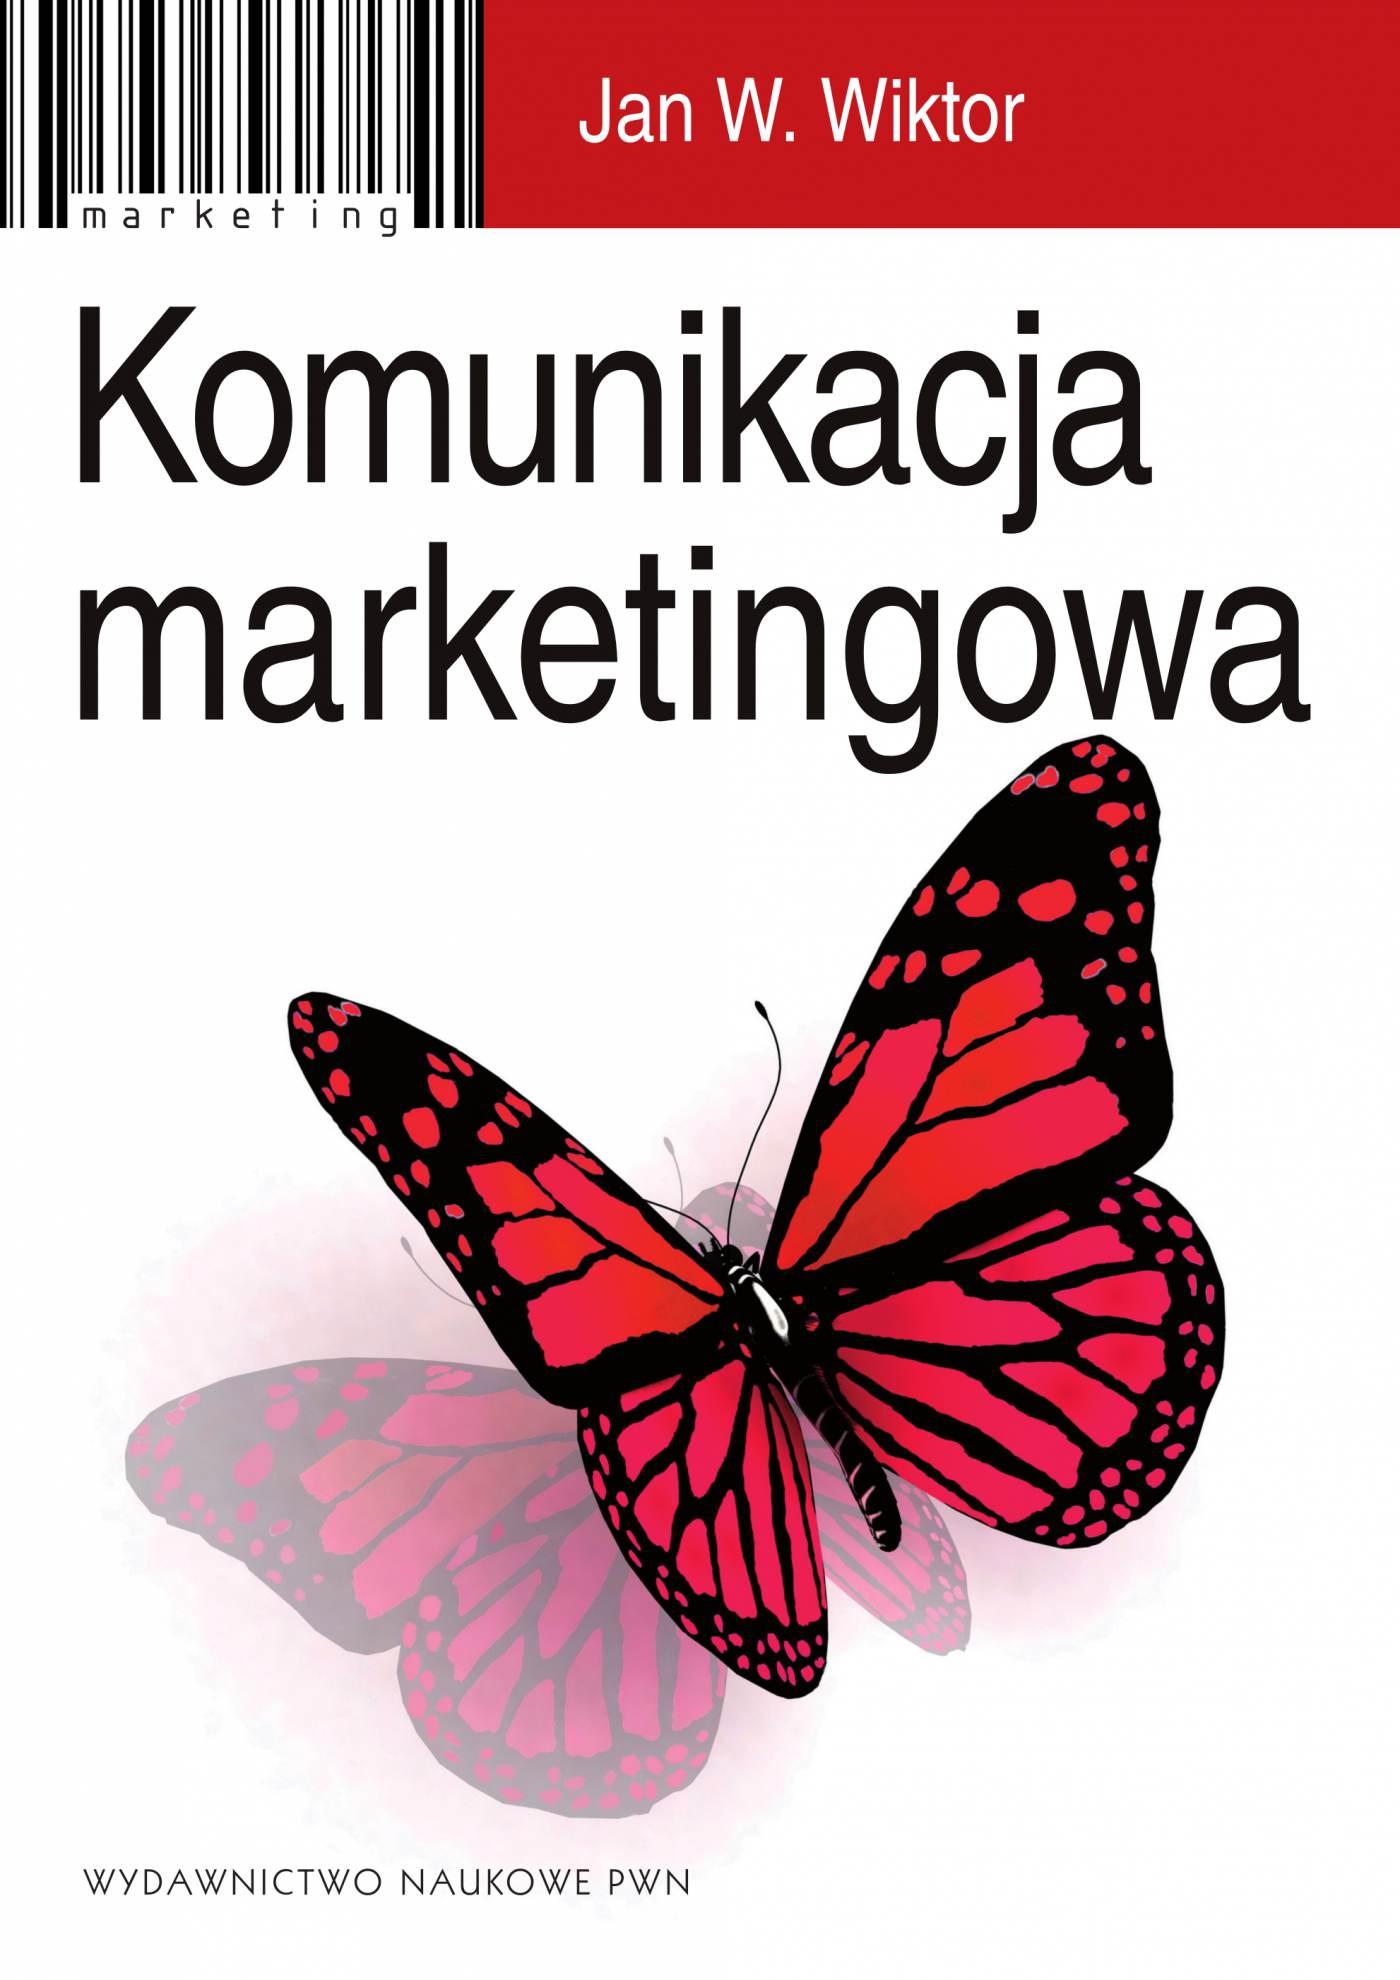 Komunikacja marketingowa. Modele, struktury, formy przekazu - Ebook (Książka na Kindle) do pobrania w formacie MOBI